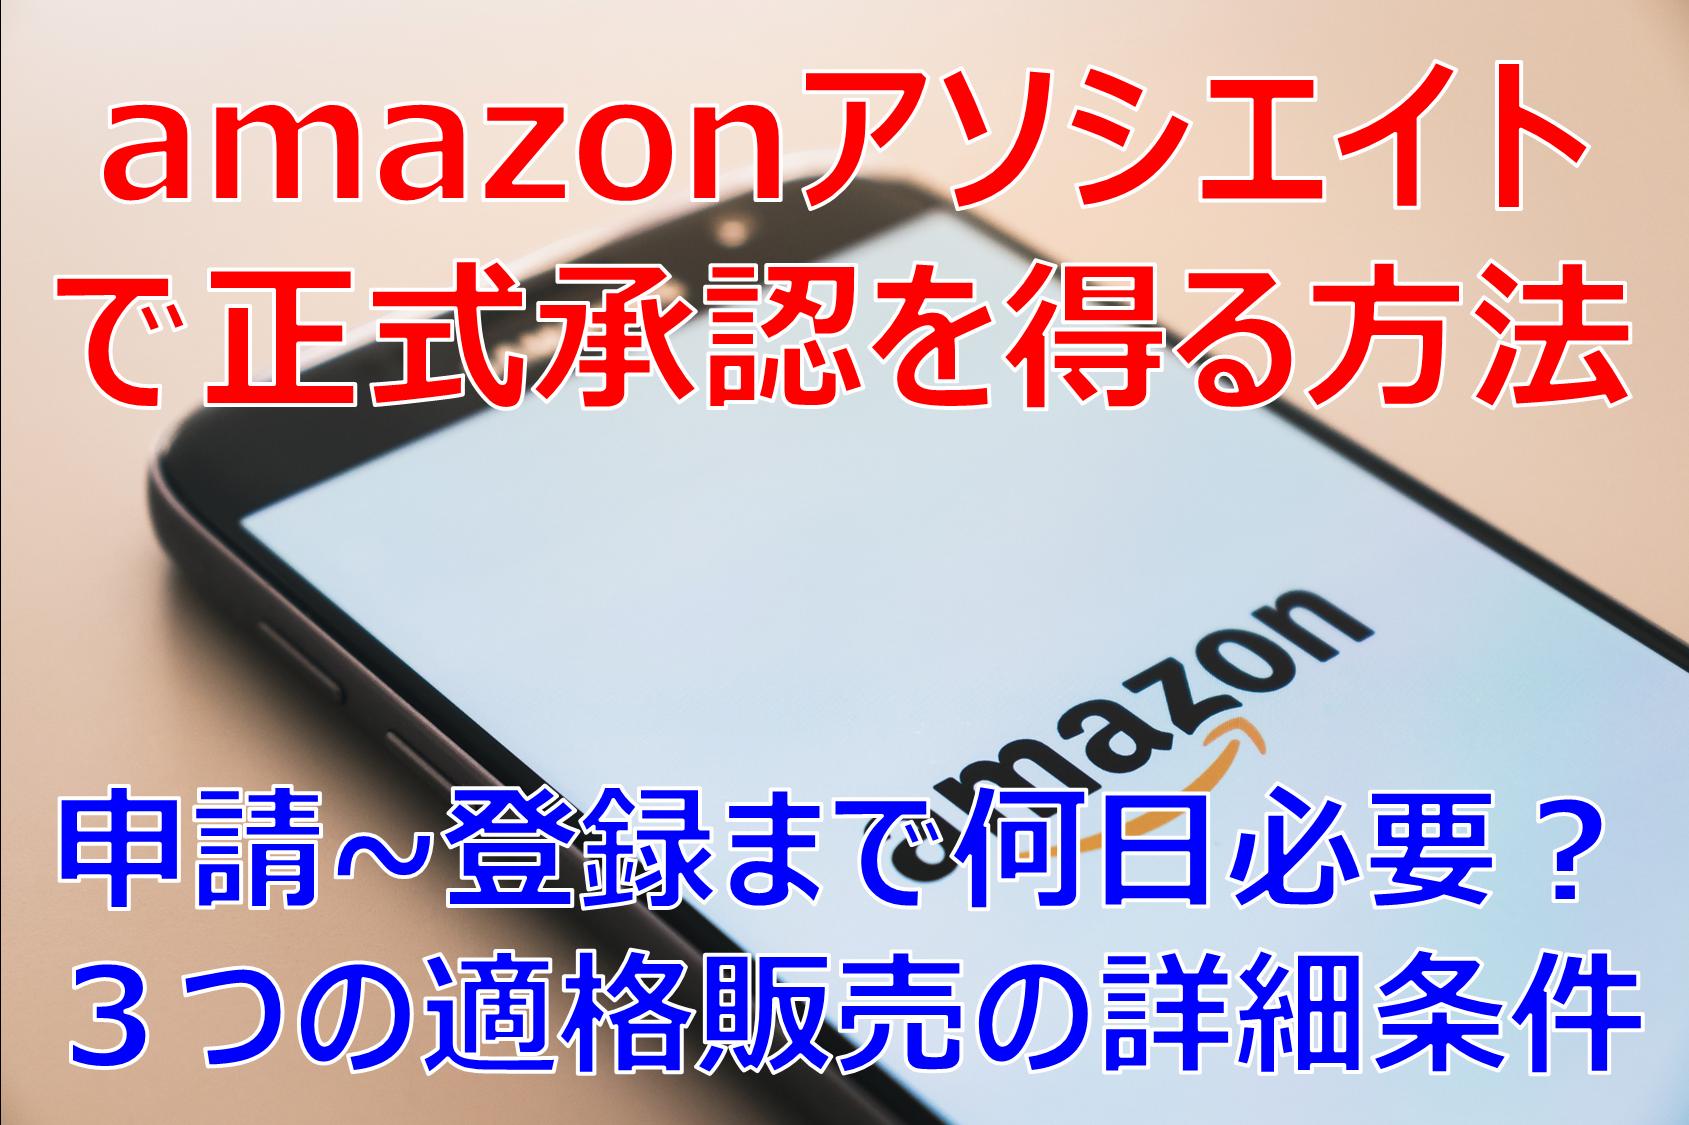 3週間で審査合格!Amazonアソシエイトの承認と3つの適格販売